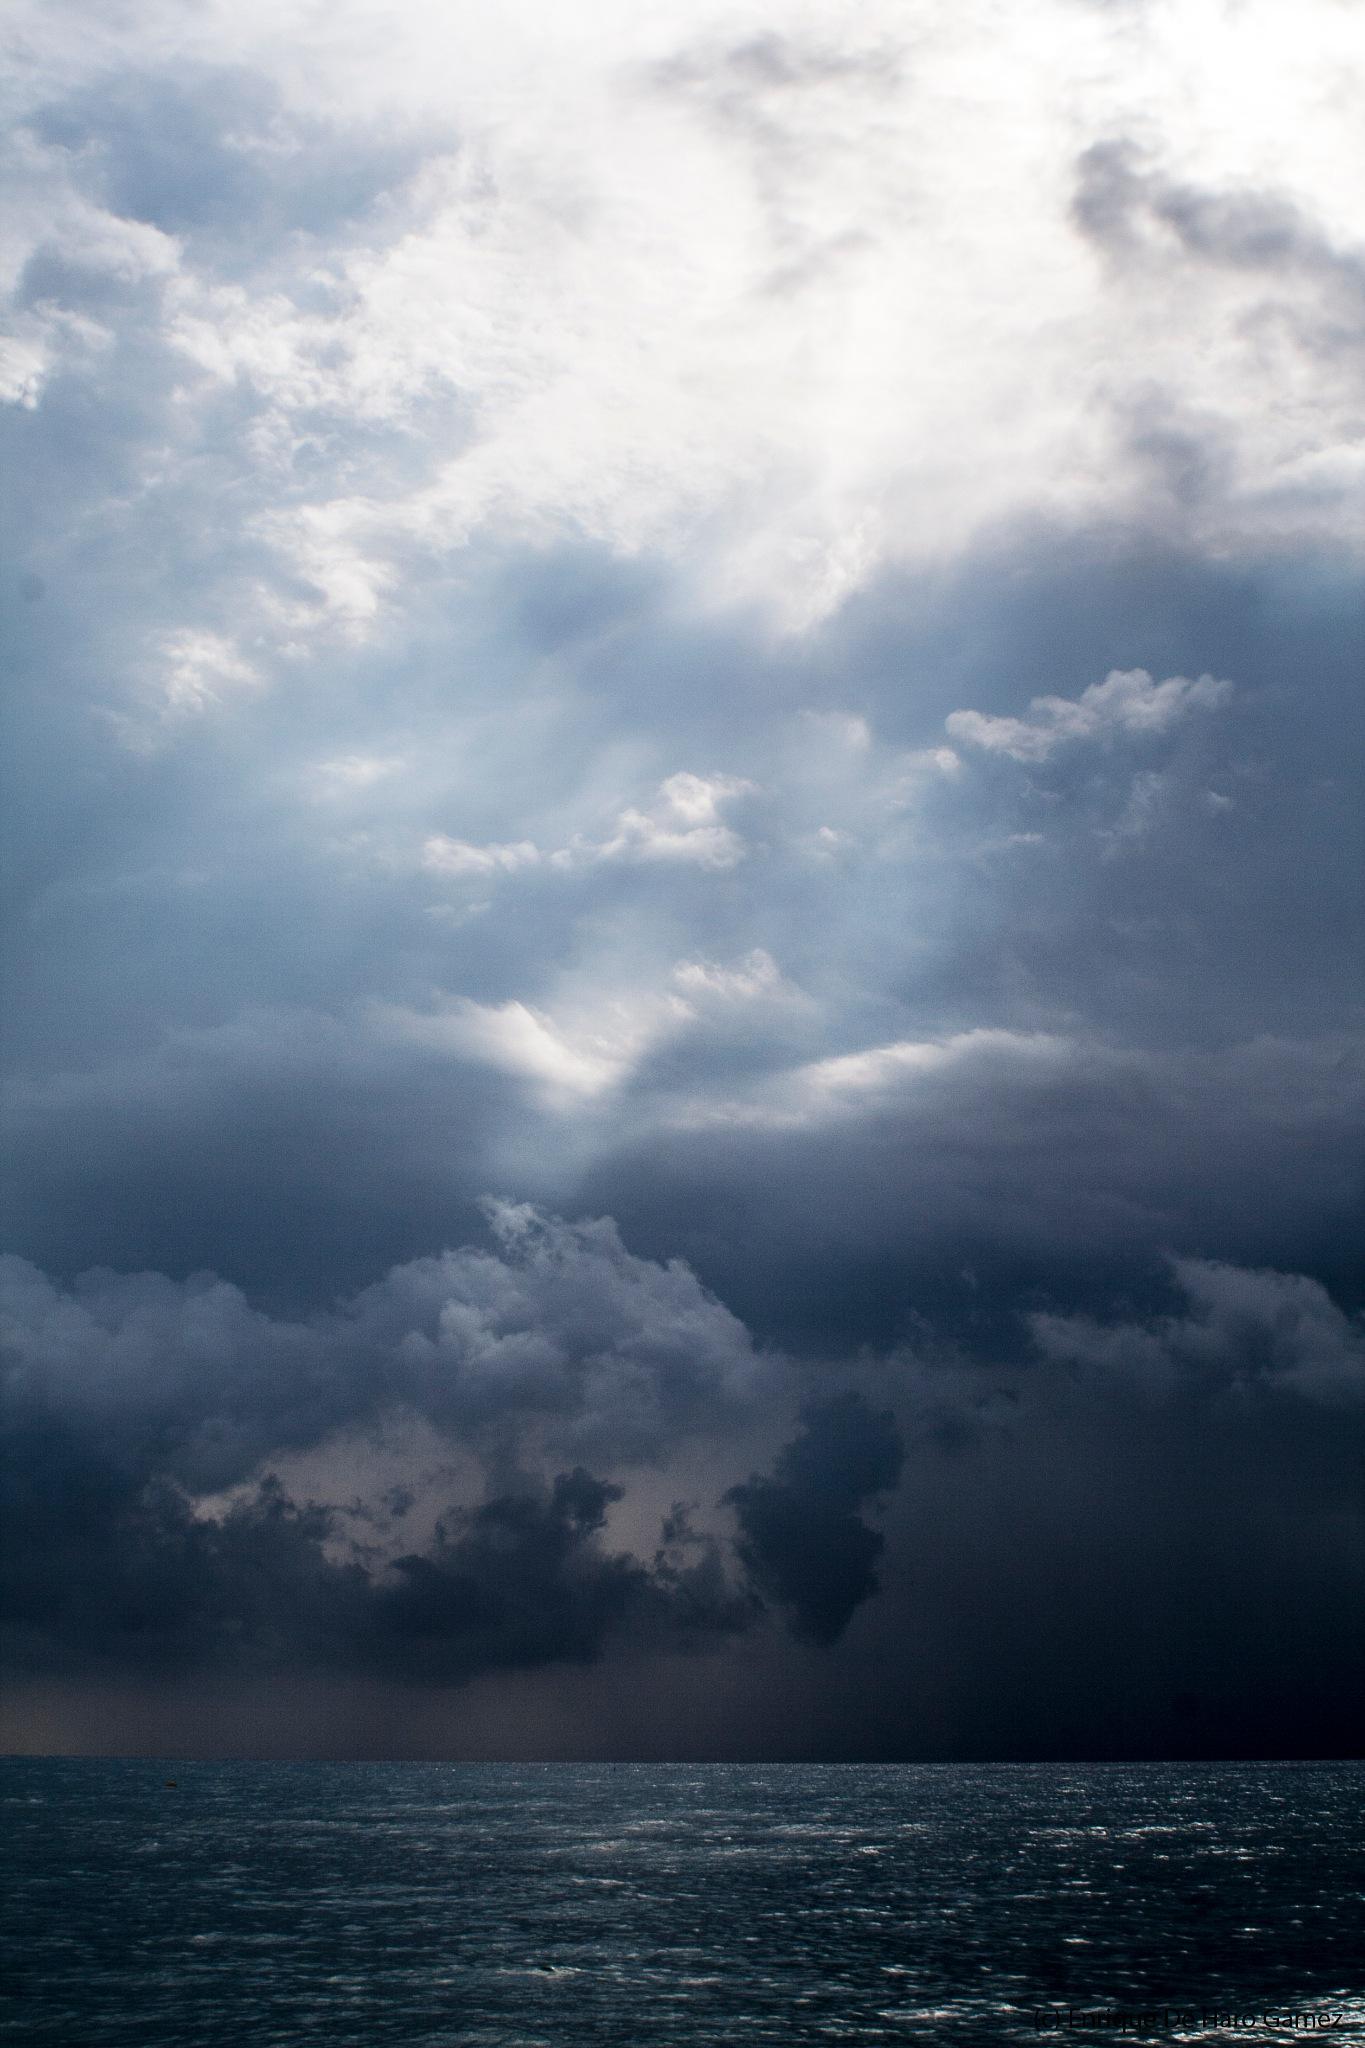 storm of beauty by Enrique de haro gamez